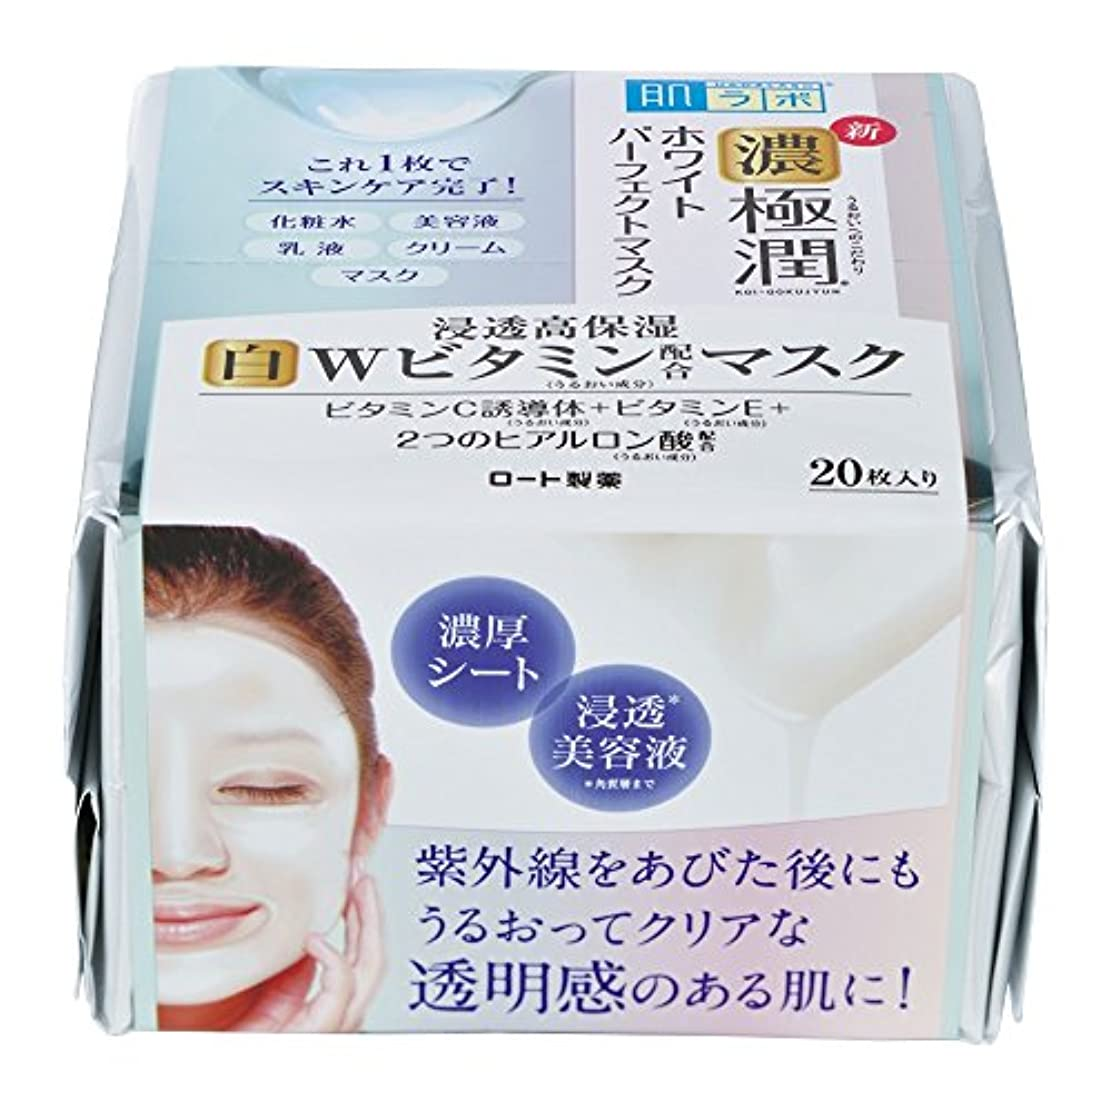 化学価値のない変更可能肌ラボ 濃い極潤 オールインワン ホワイトパーフェクトマスク 20枚